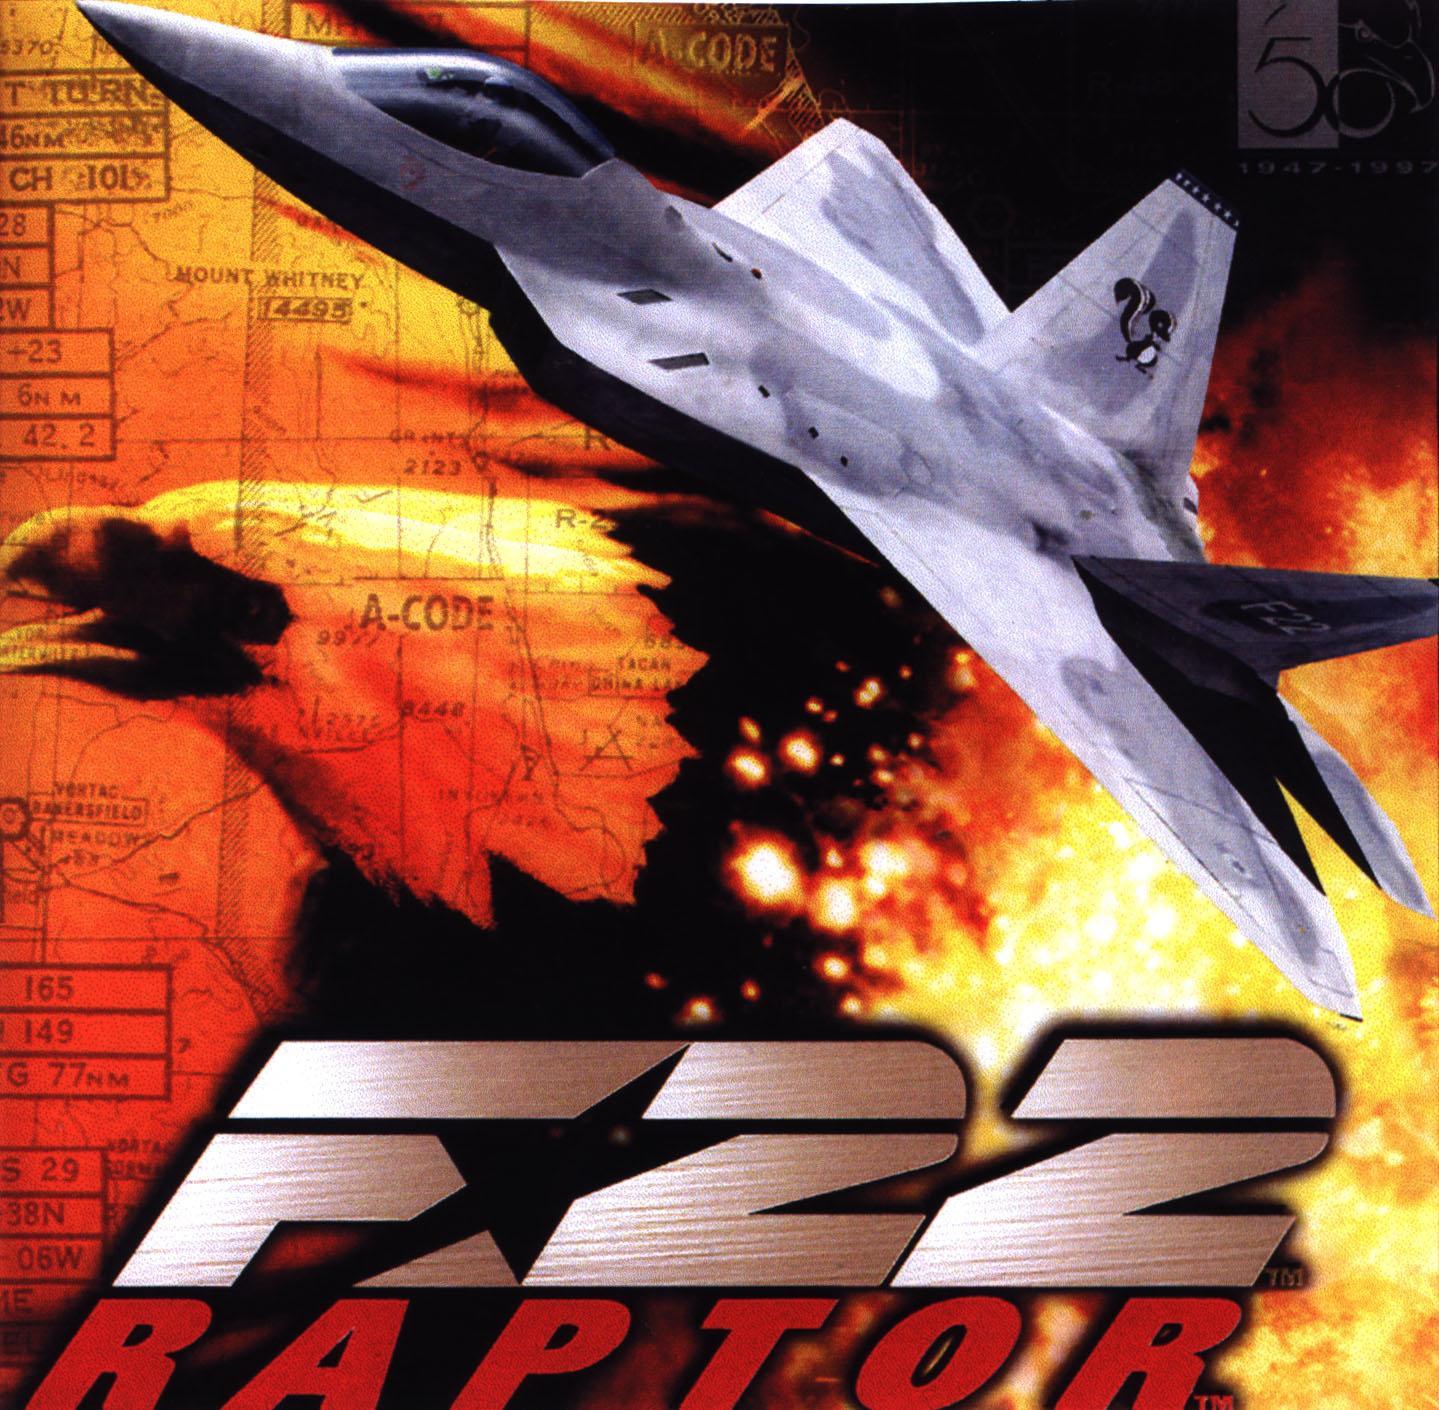 F-22 Raptor Games